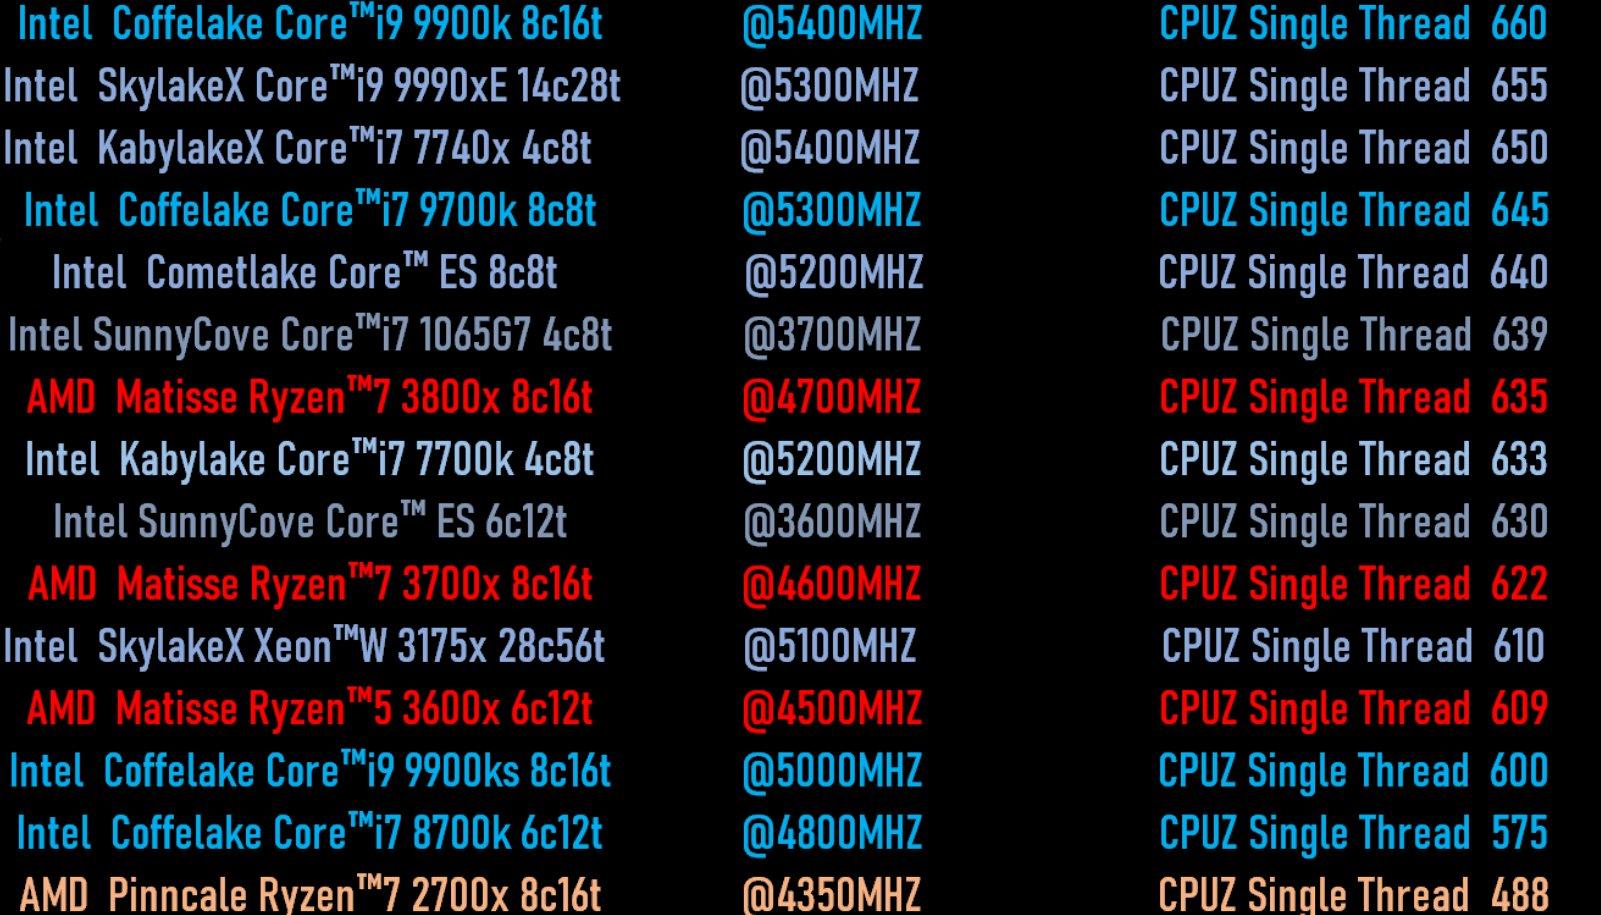 AMD Ryzen 3000 Ryzen 7 3800X Ryzen 7 3700X Ryzen 5 3600X Benchmark i9-9900K